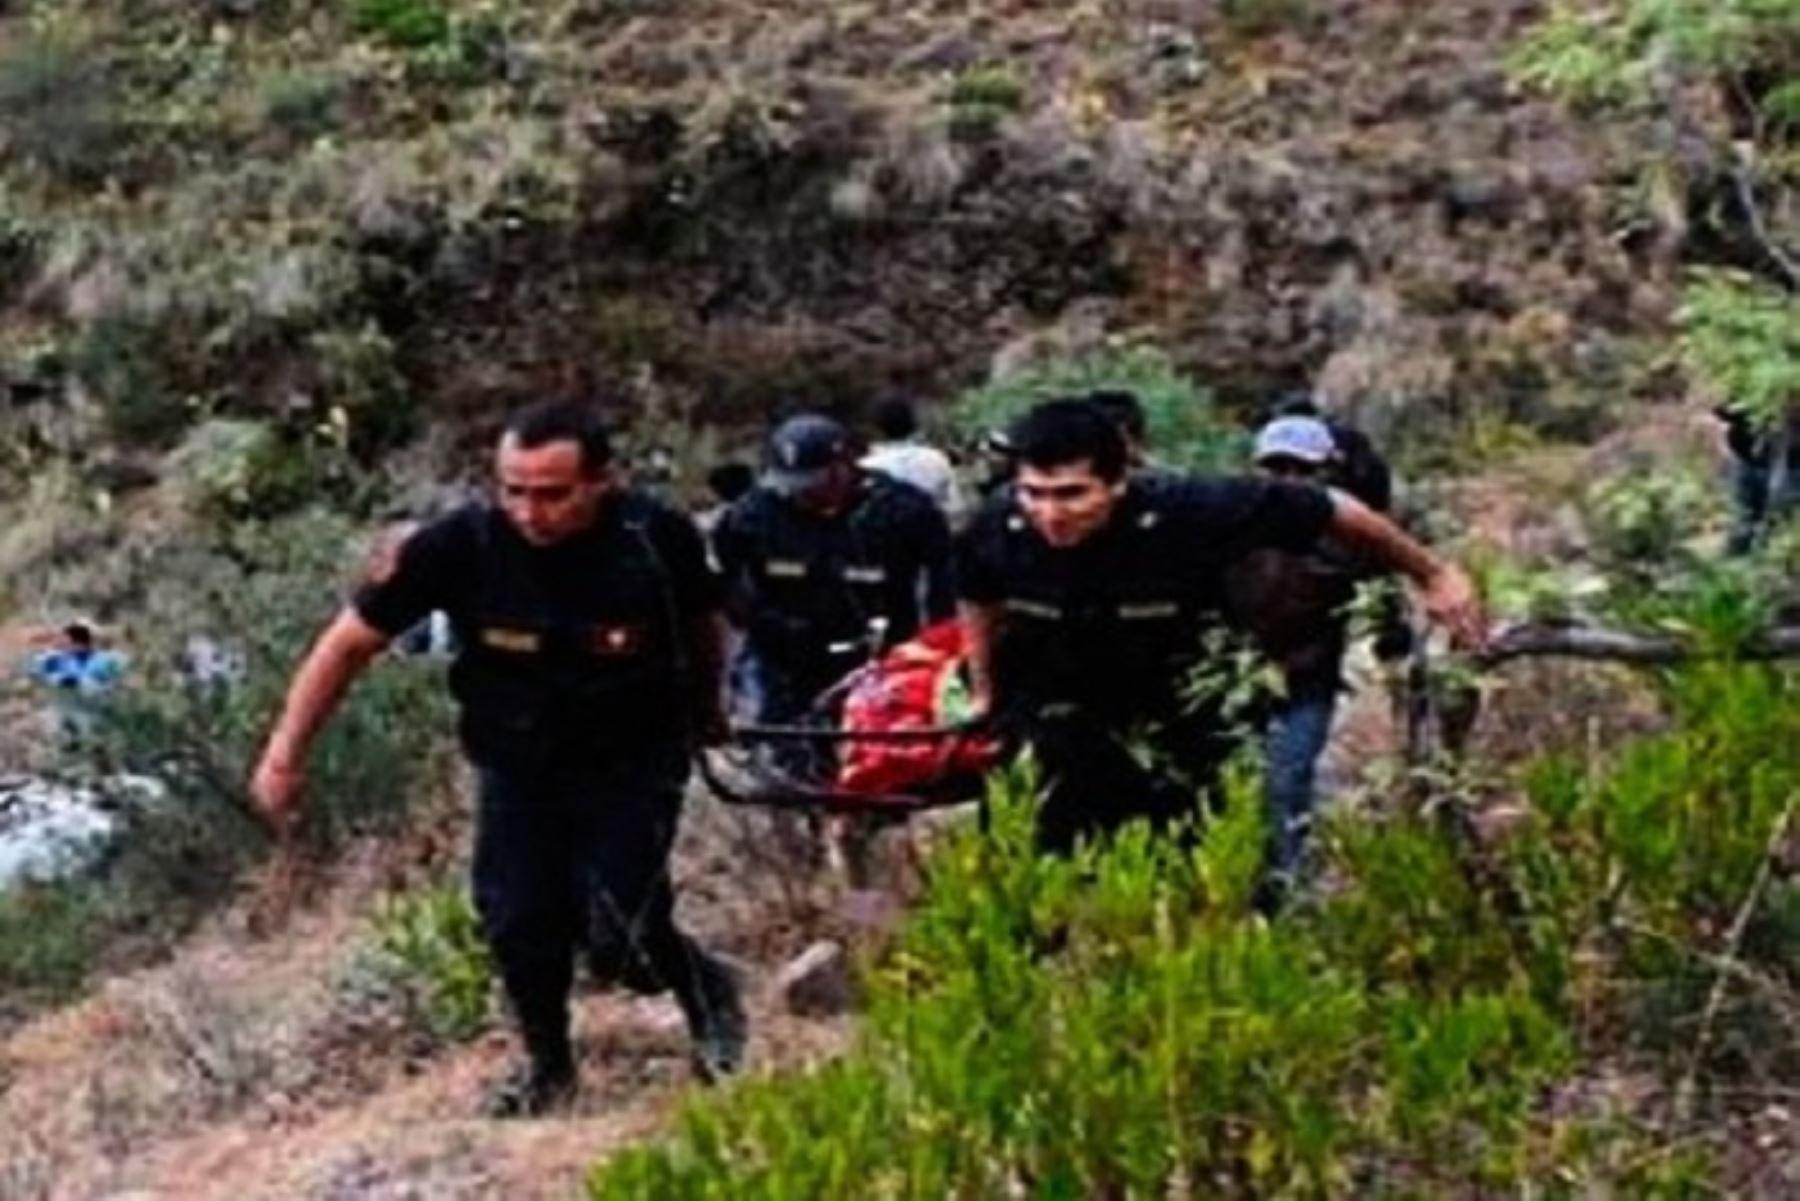 Las víctimas fueron identificadas como Milushka Marisella Pacheco Colquicocha (29) y Vincer Quispe Reyes (23), ayudante de guía de turismo.